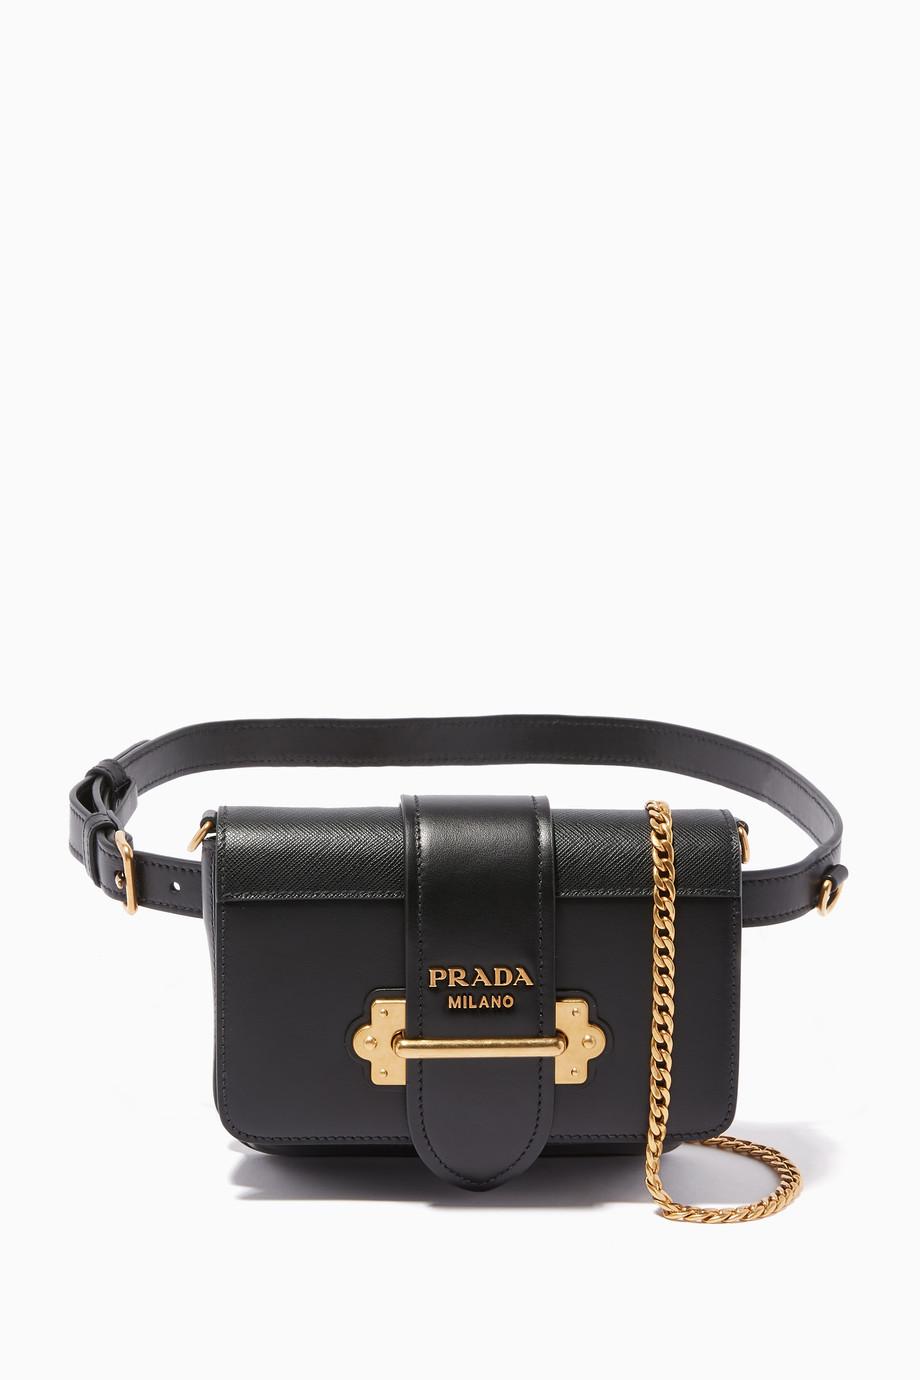 92e771269e5c Shop Prada Black Black Cahier Belt Bag for Women